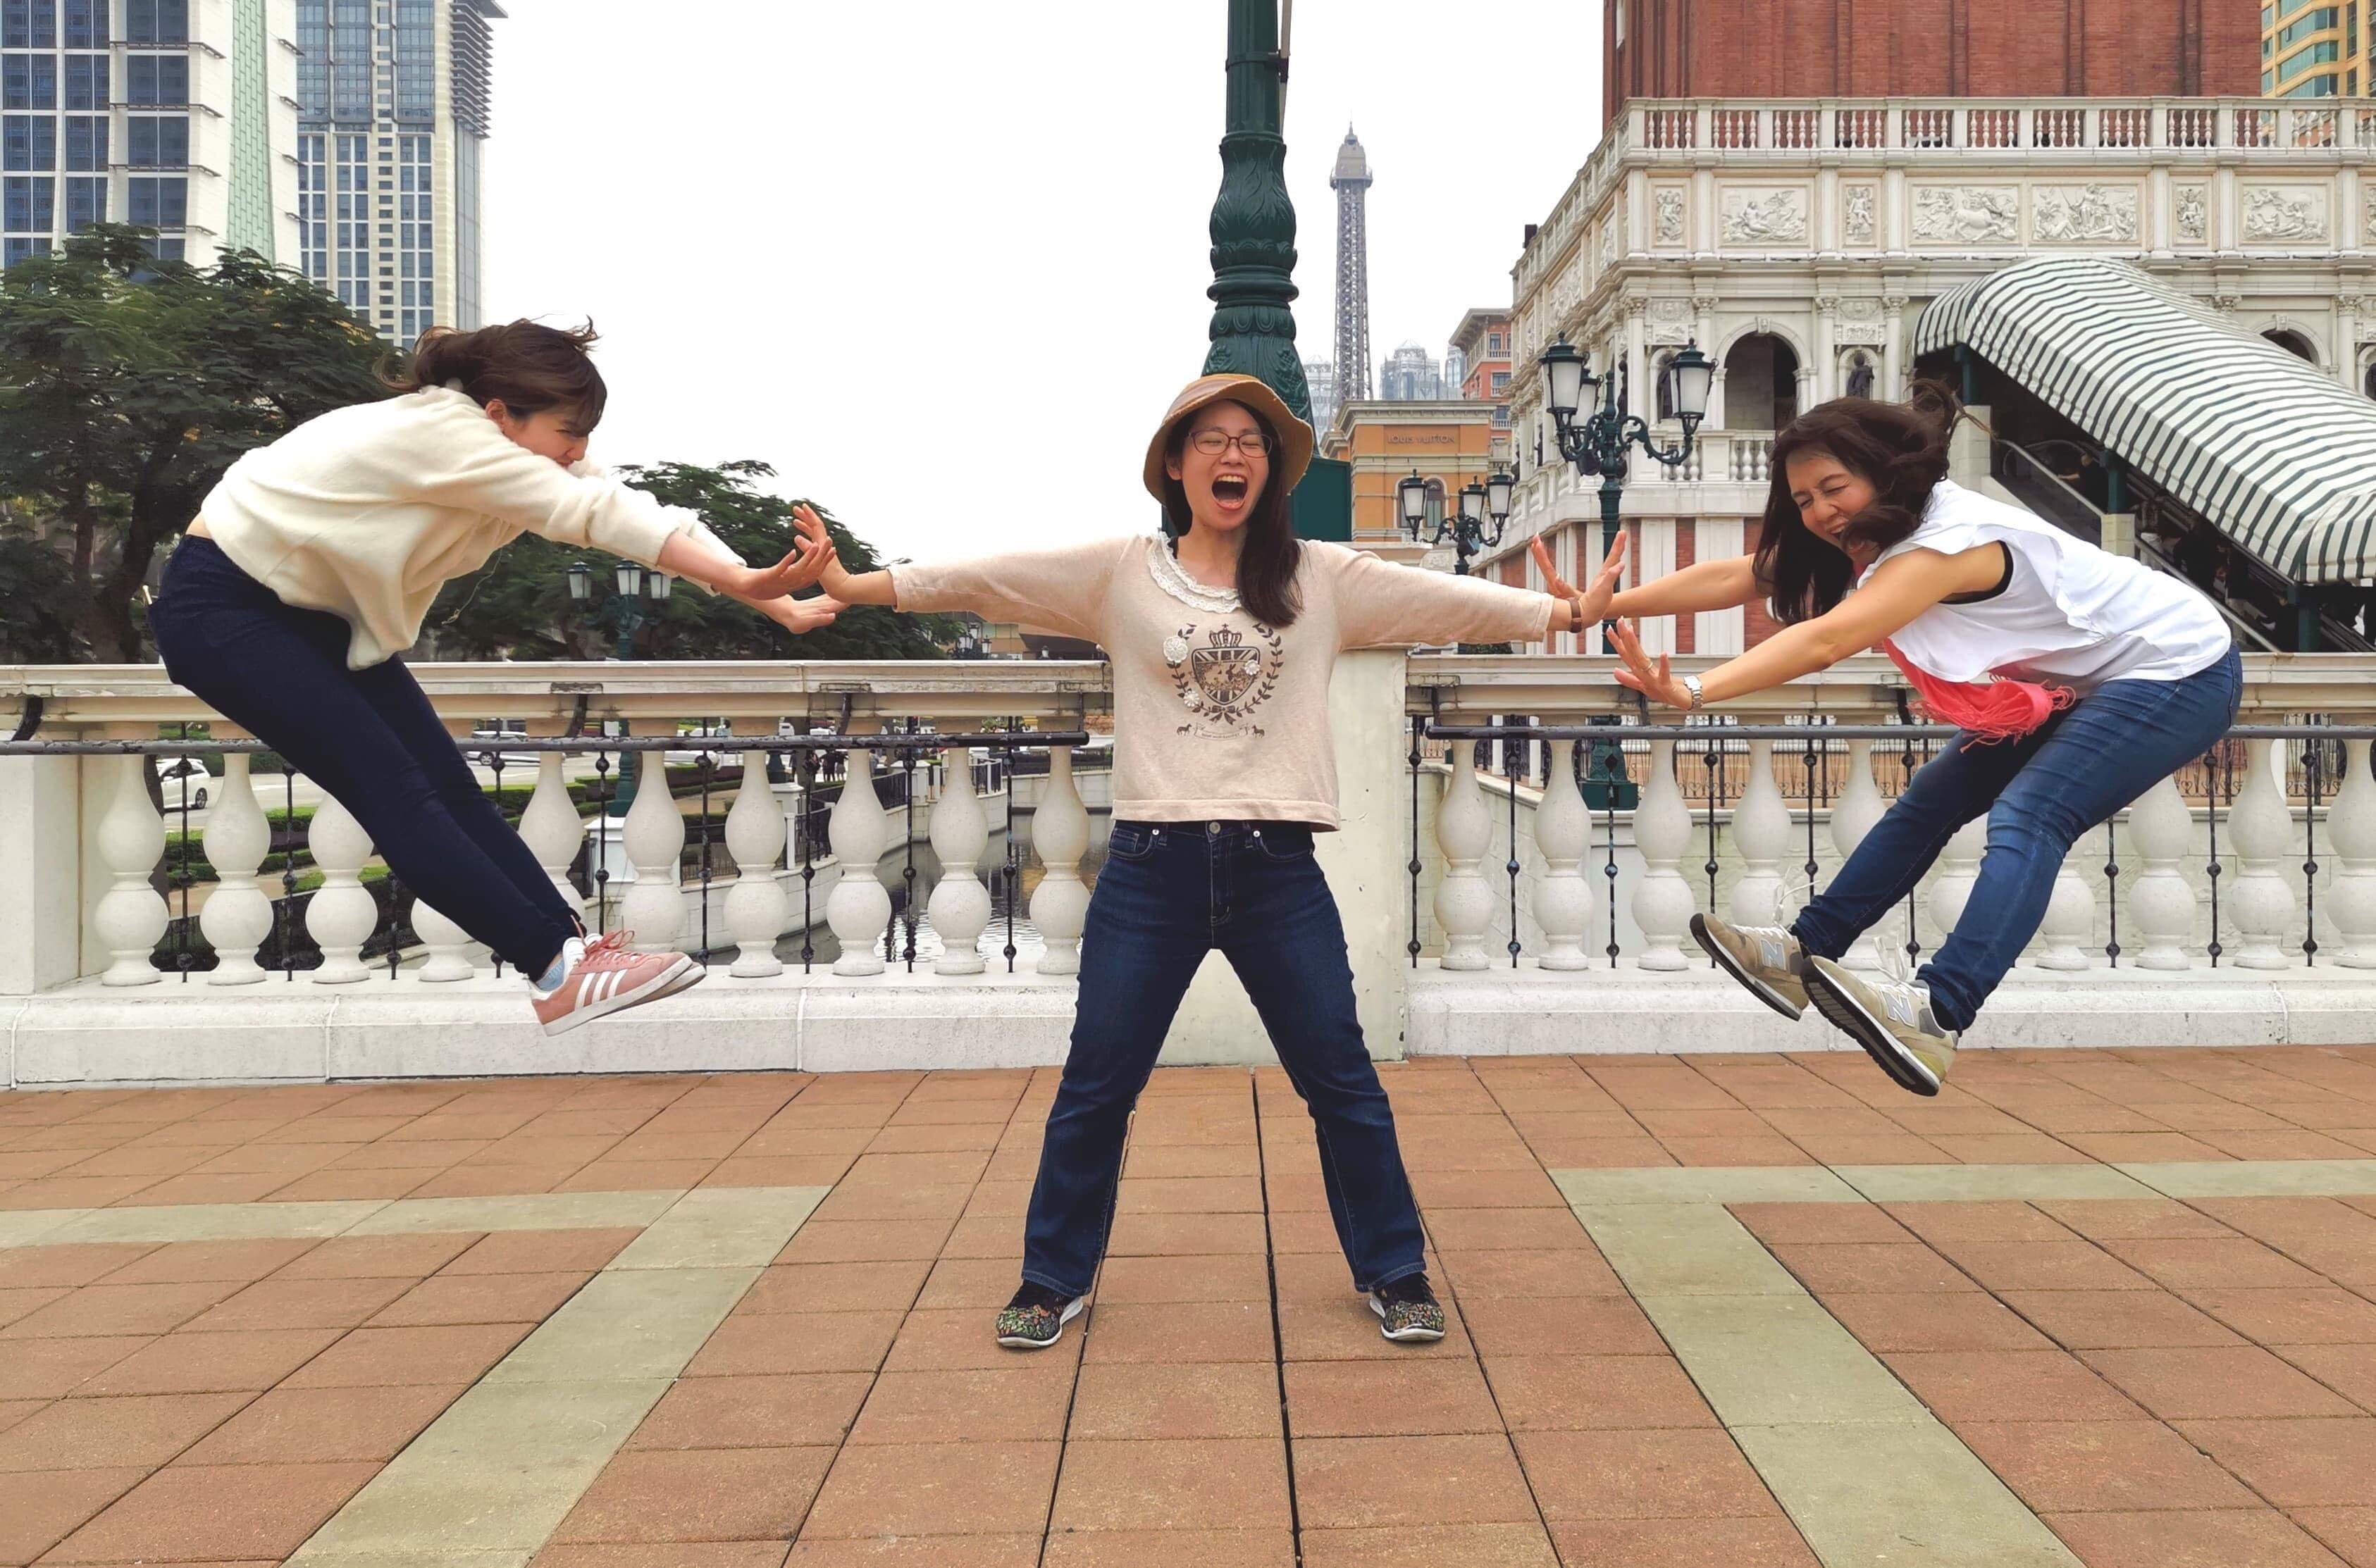 まとめ)大人の香港修学旅行。楽しすぎて、帰ってからもちょっとボ〜ッとしちゃう件。